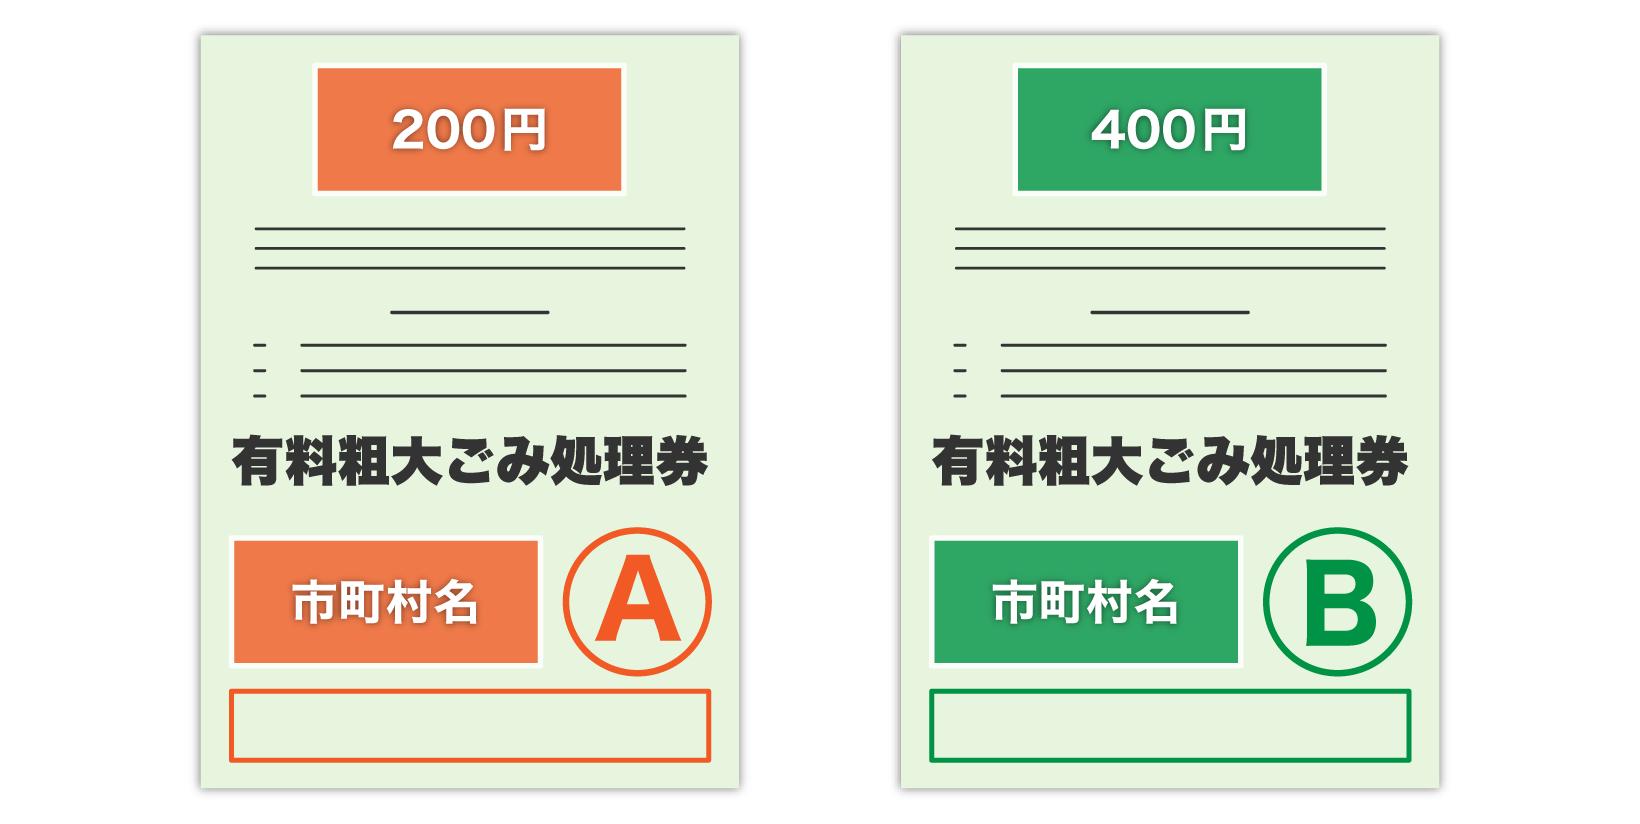 ゴミ処理券AとBの2種類があり、金額が異なる。必要枚数を購入する